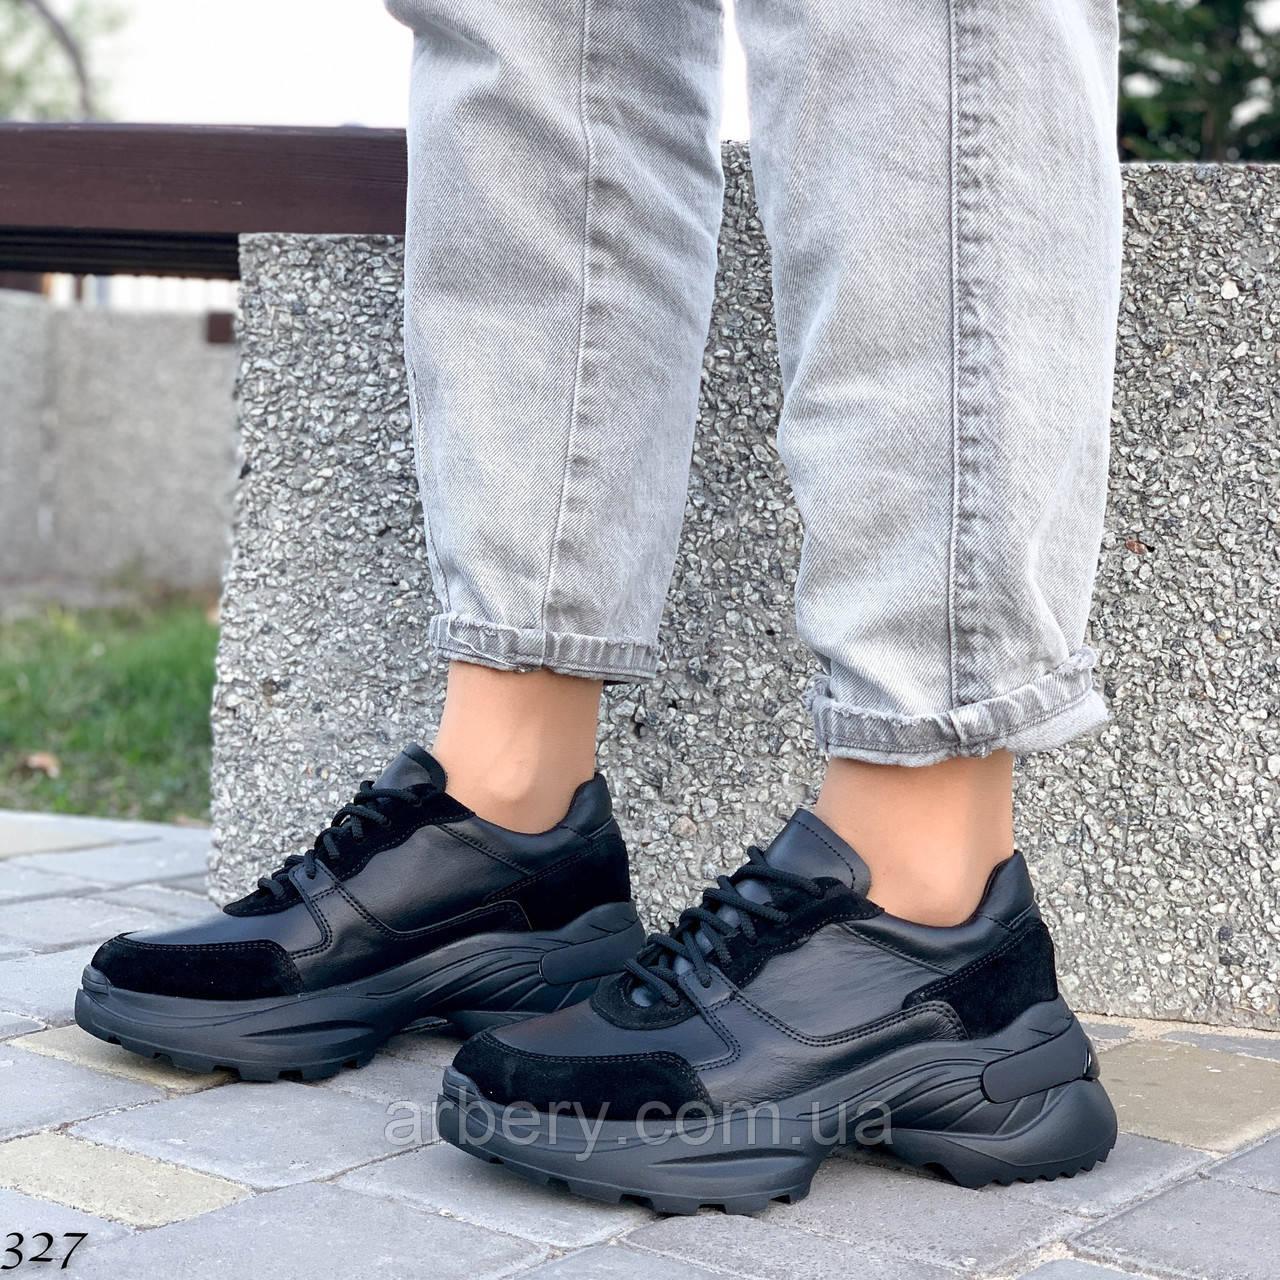 Шикарные кожаные кроссовки на платформе